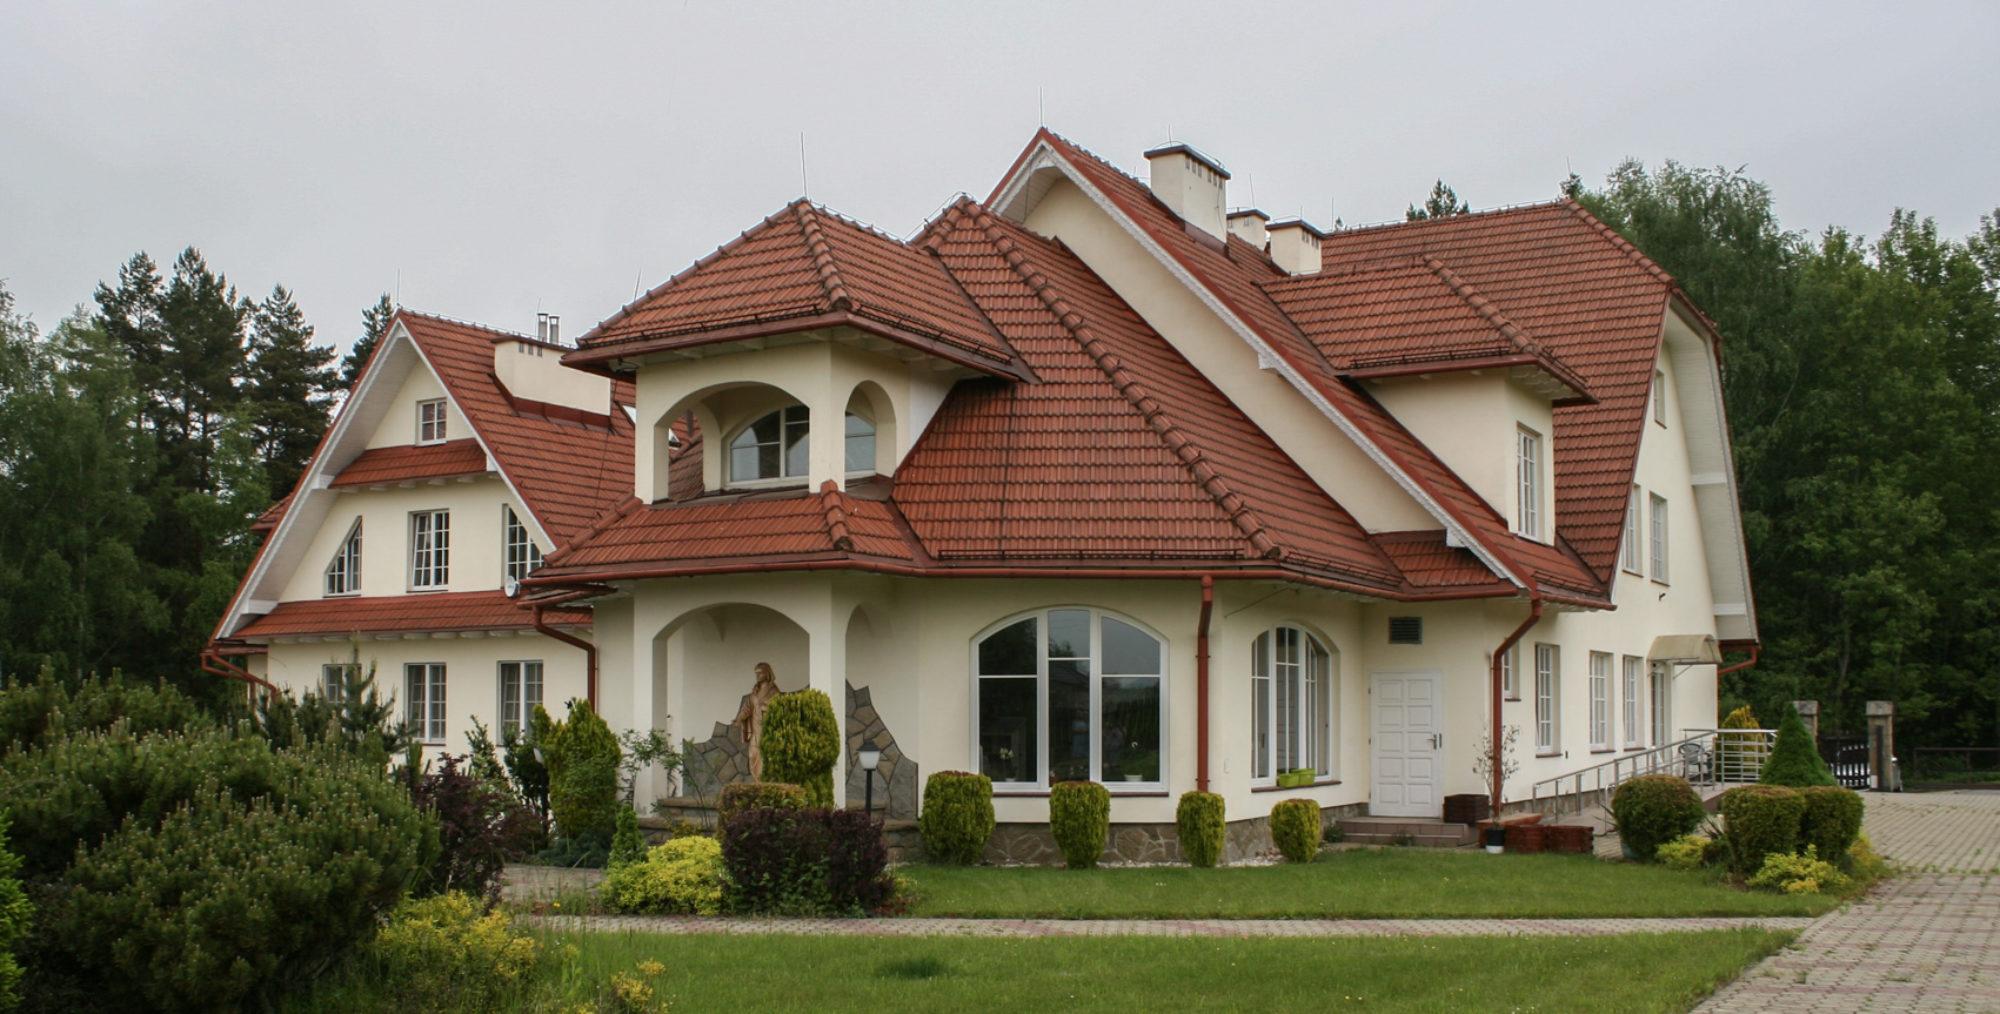 Dom Pomocy Społecznej im. św. Siostry Faustyny Kowalskiej